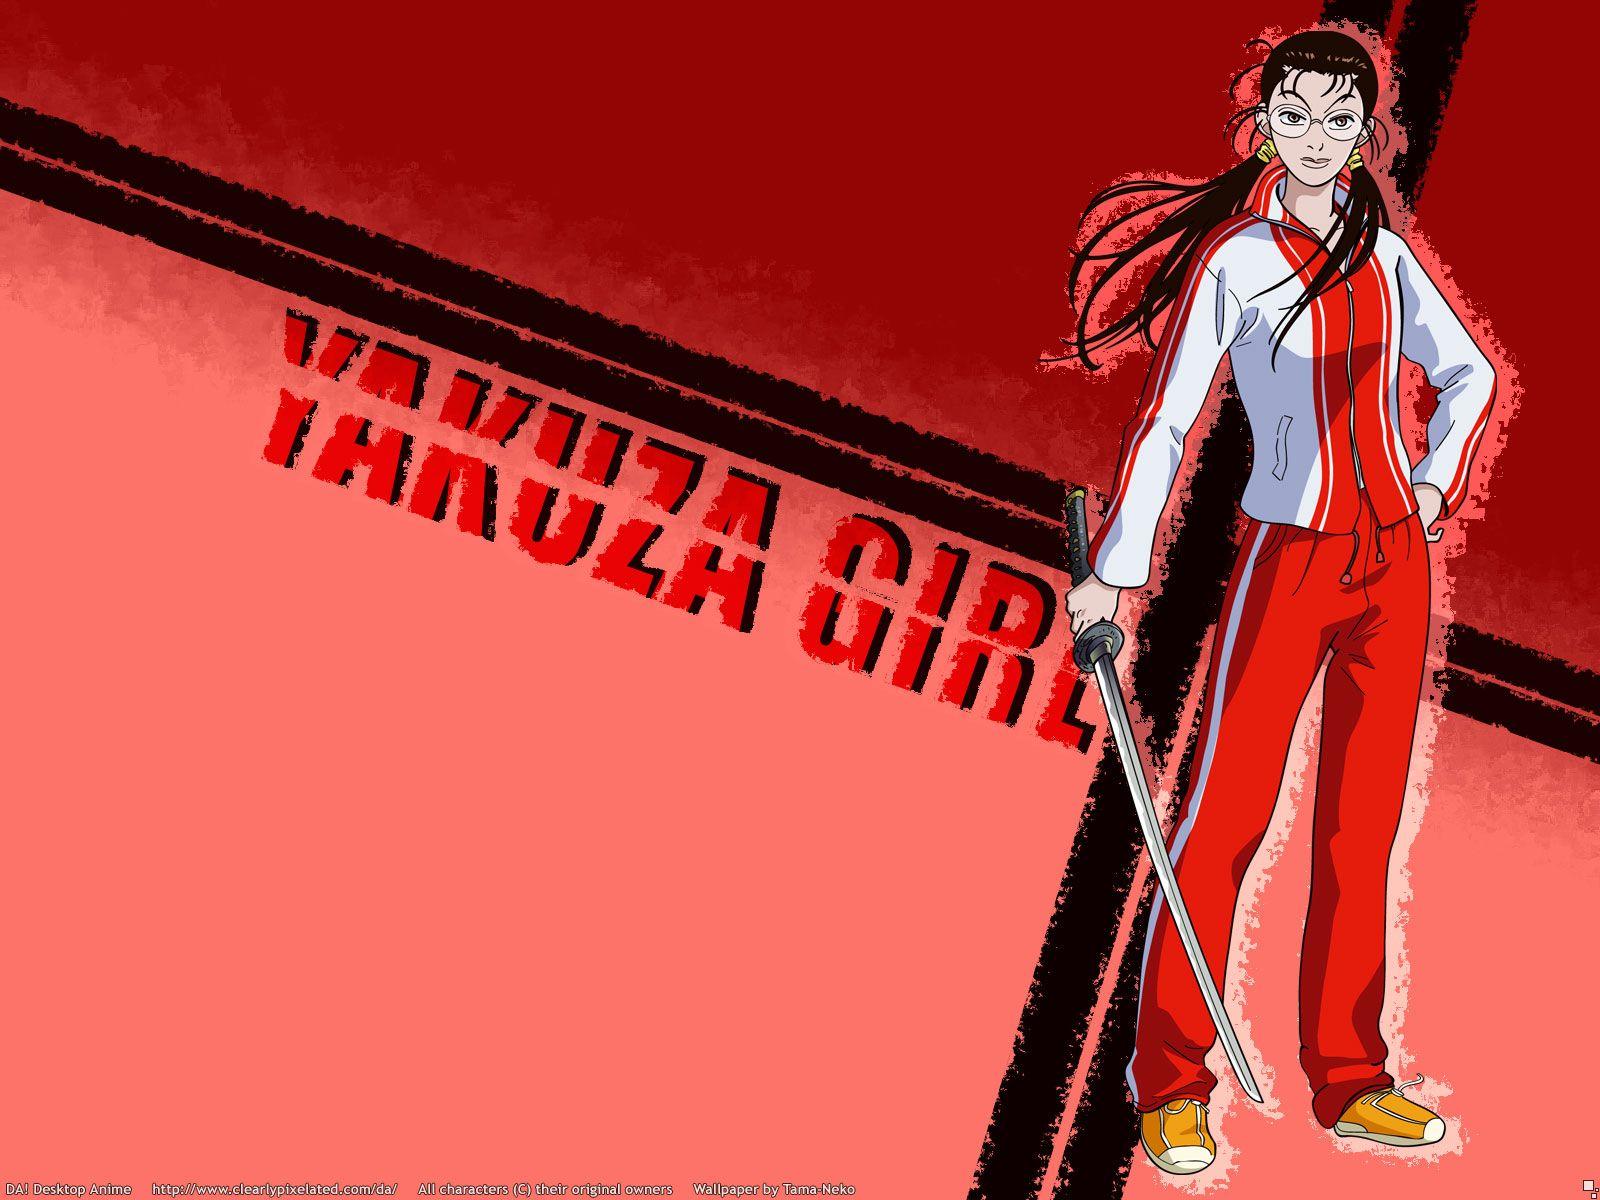 88129 - Bilinmeyen Ama Kaliteli 8 Anime Önerisi - Figurex Anime Önerileri